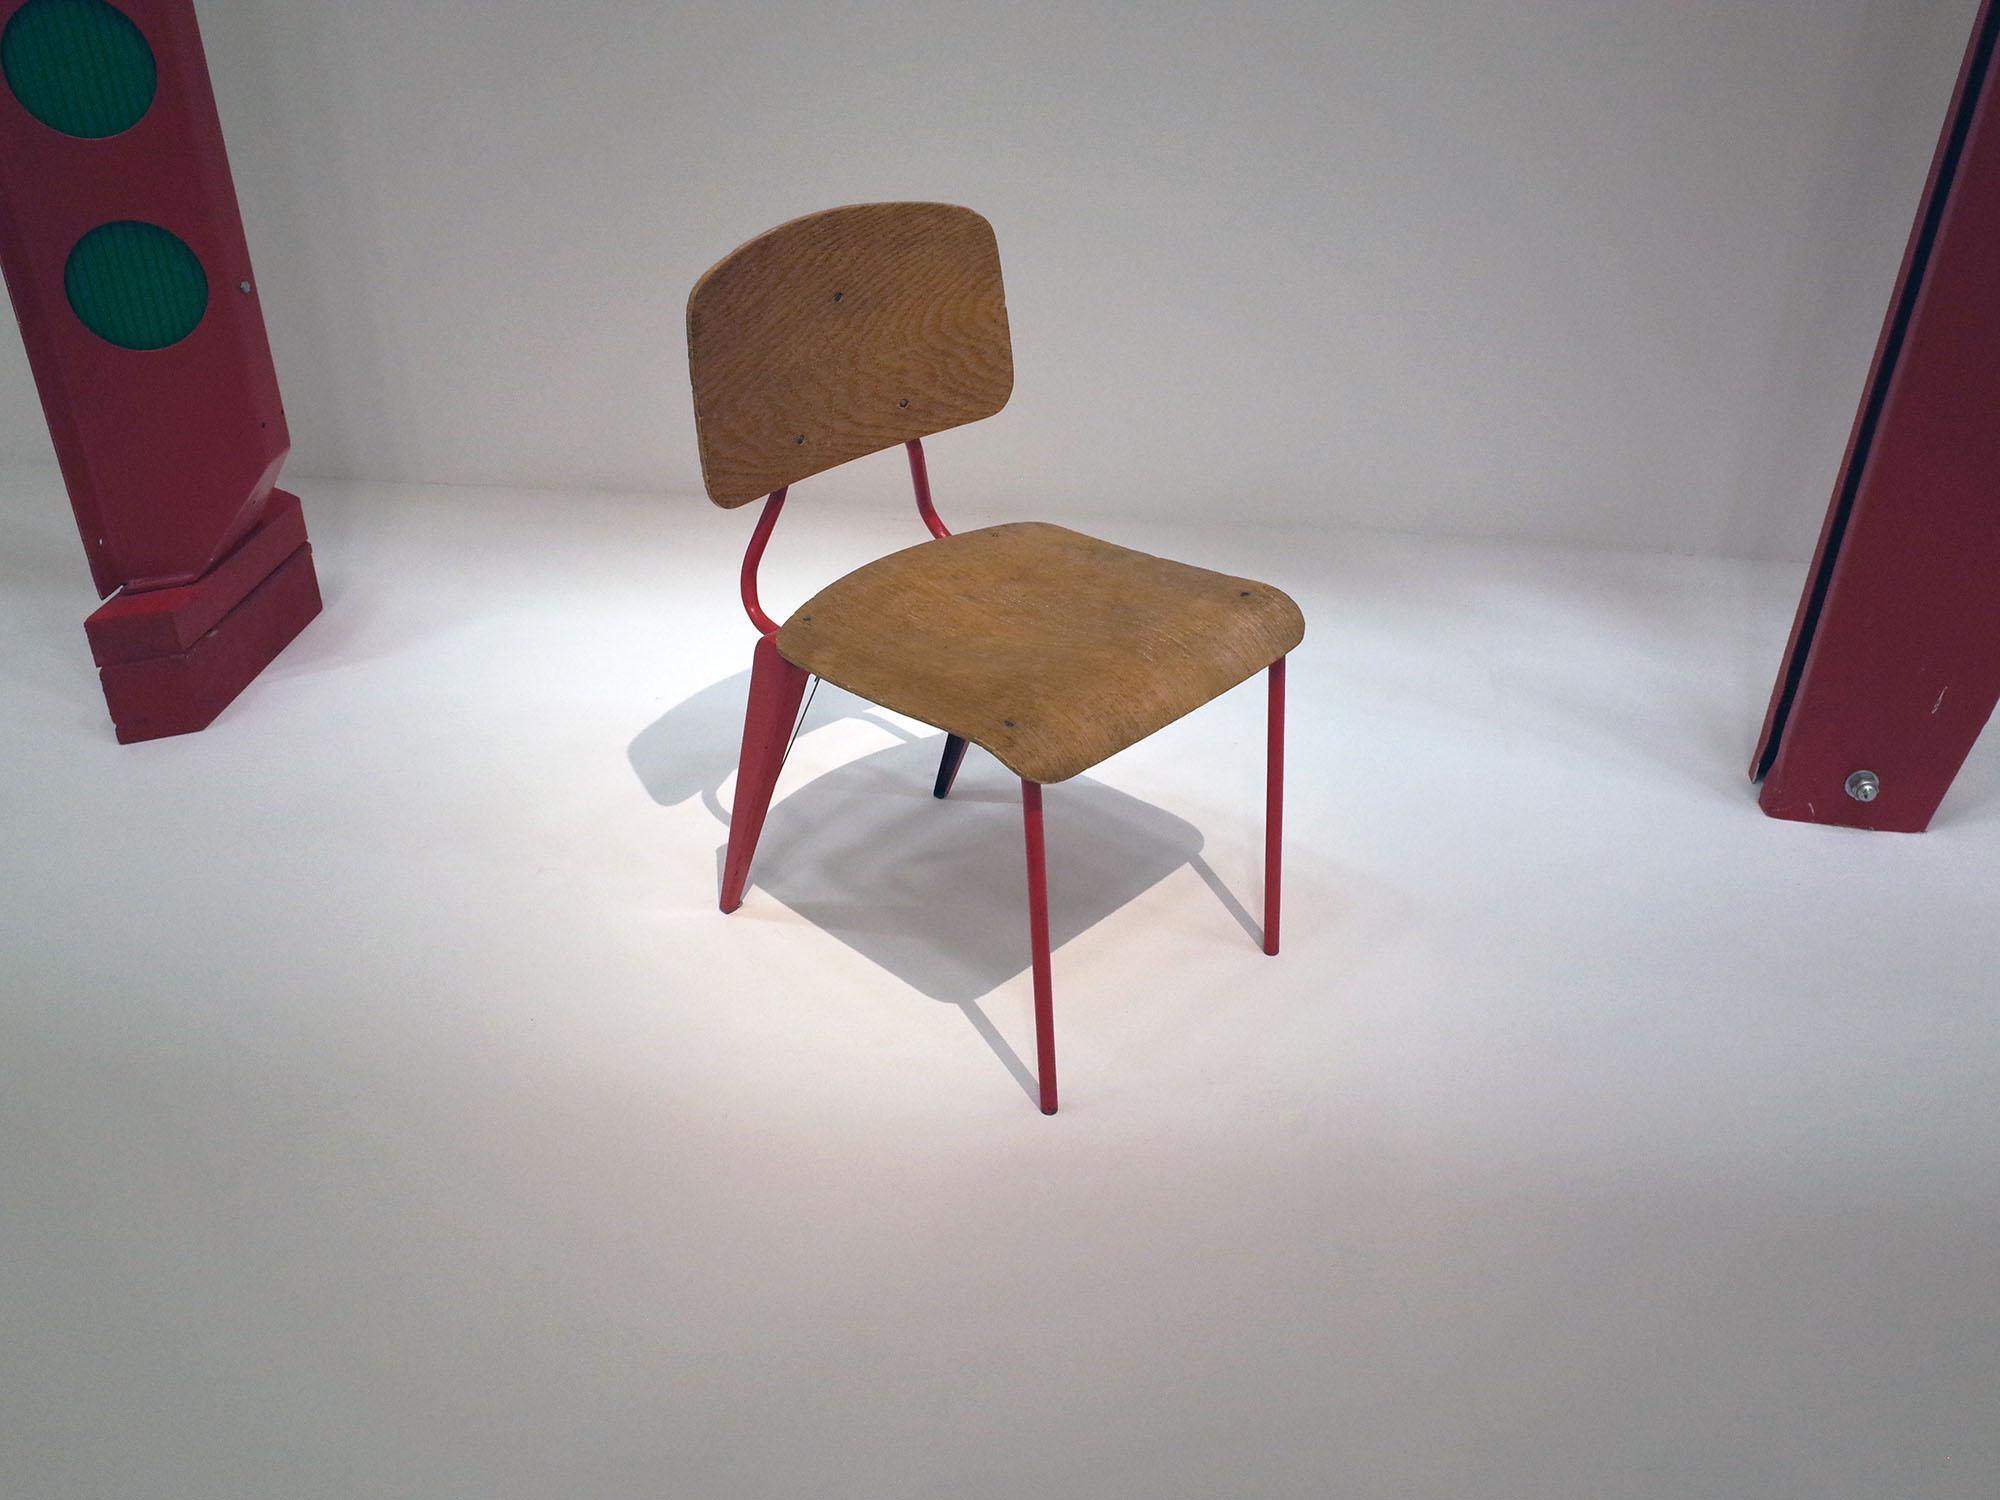 prouve chaise maternelle 2015